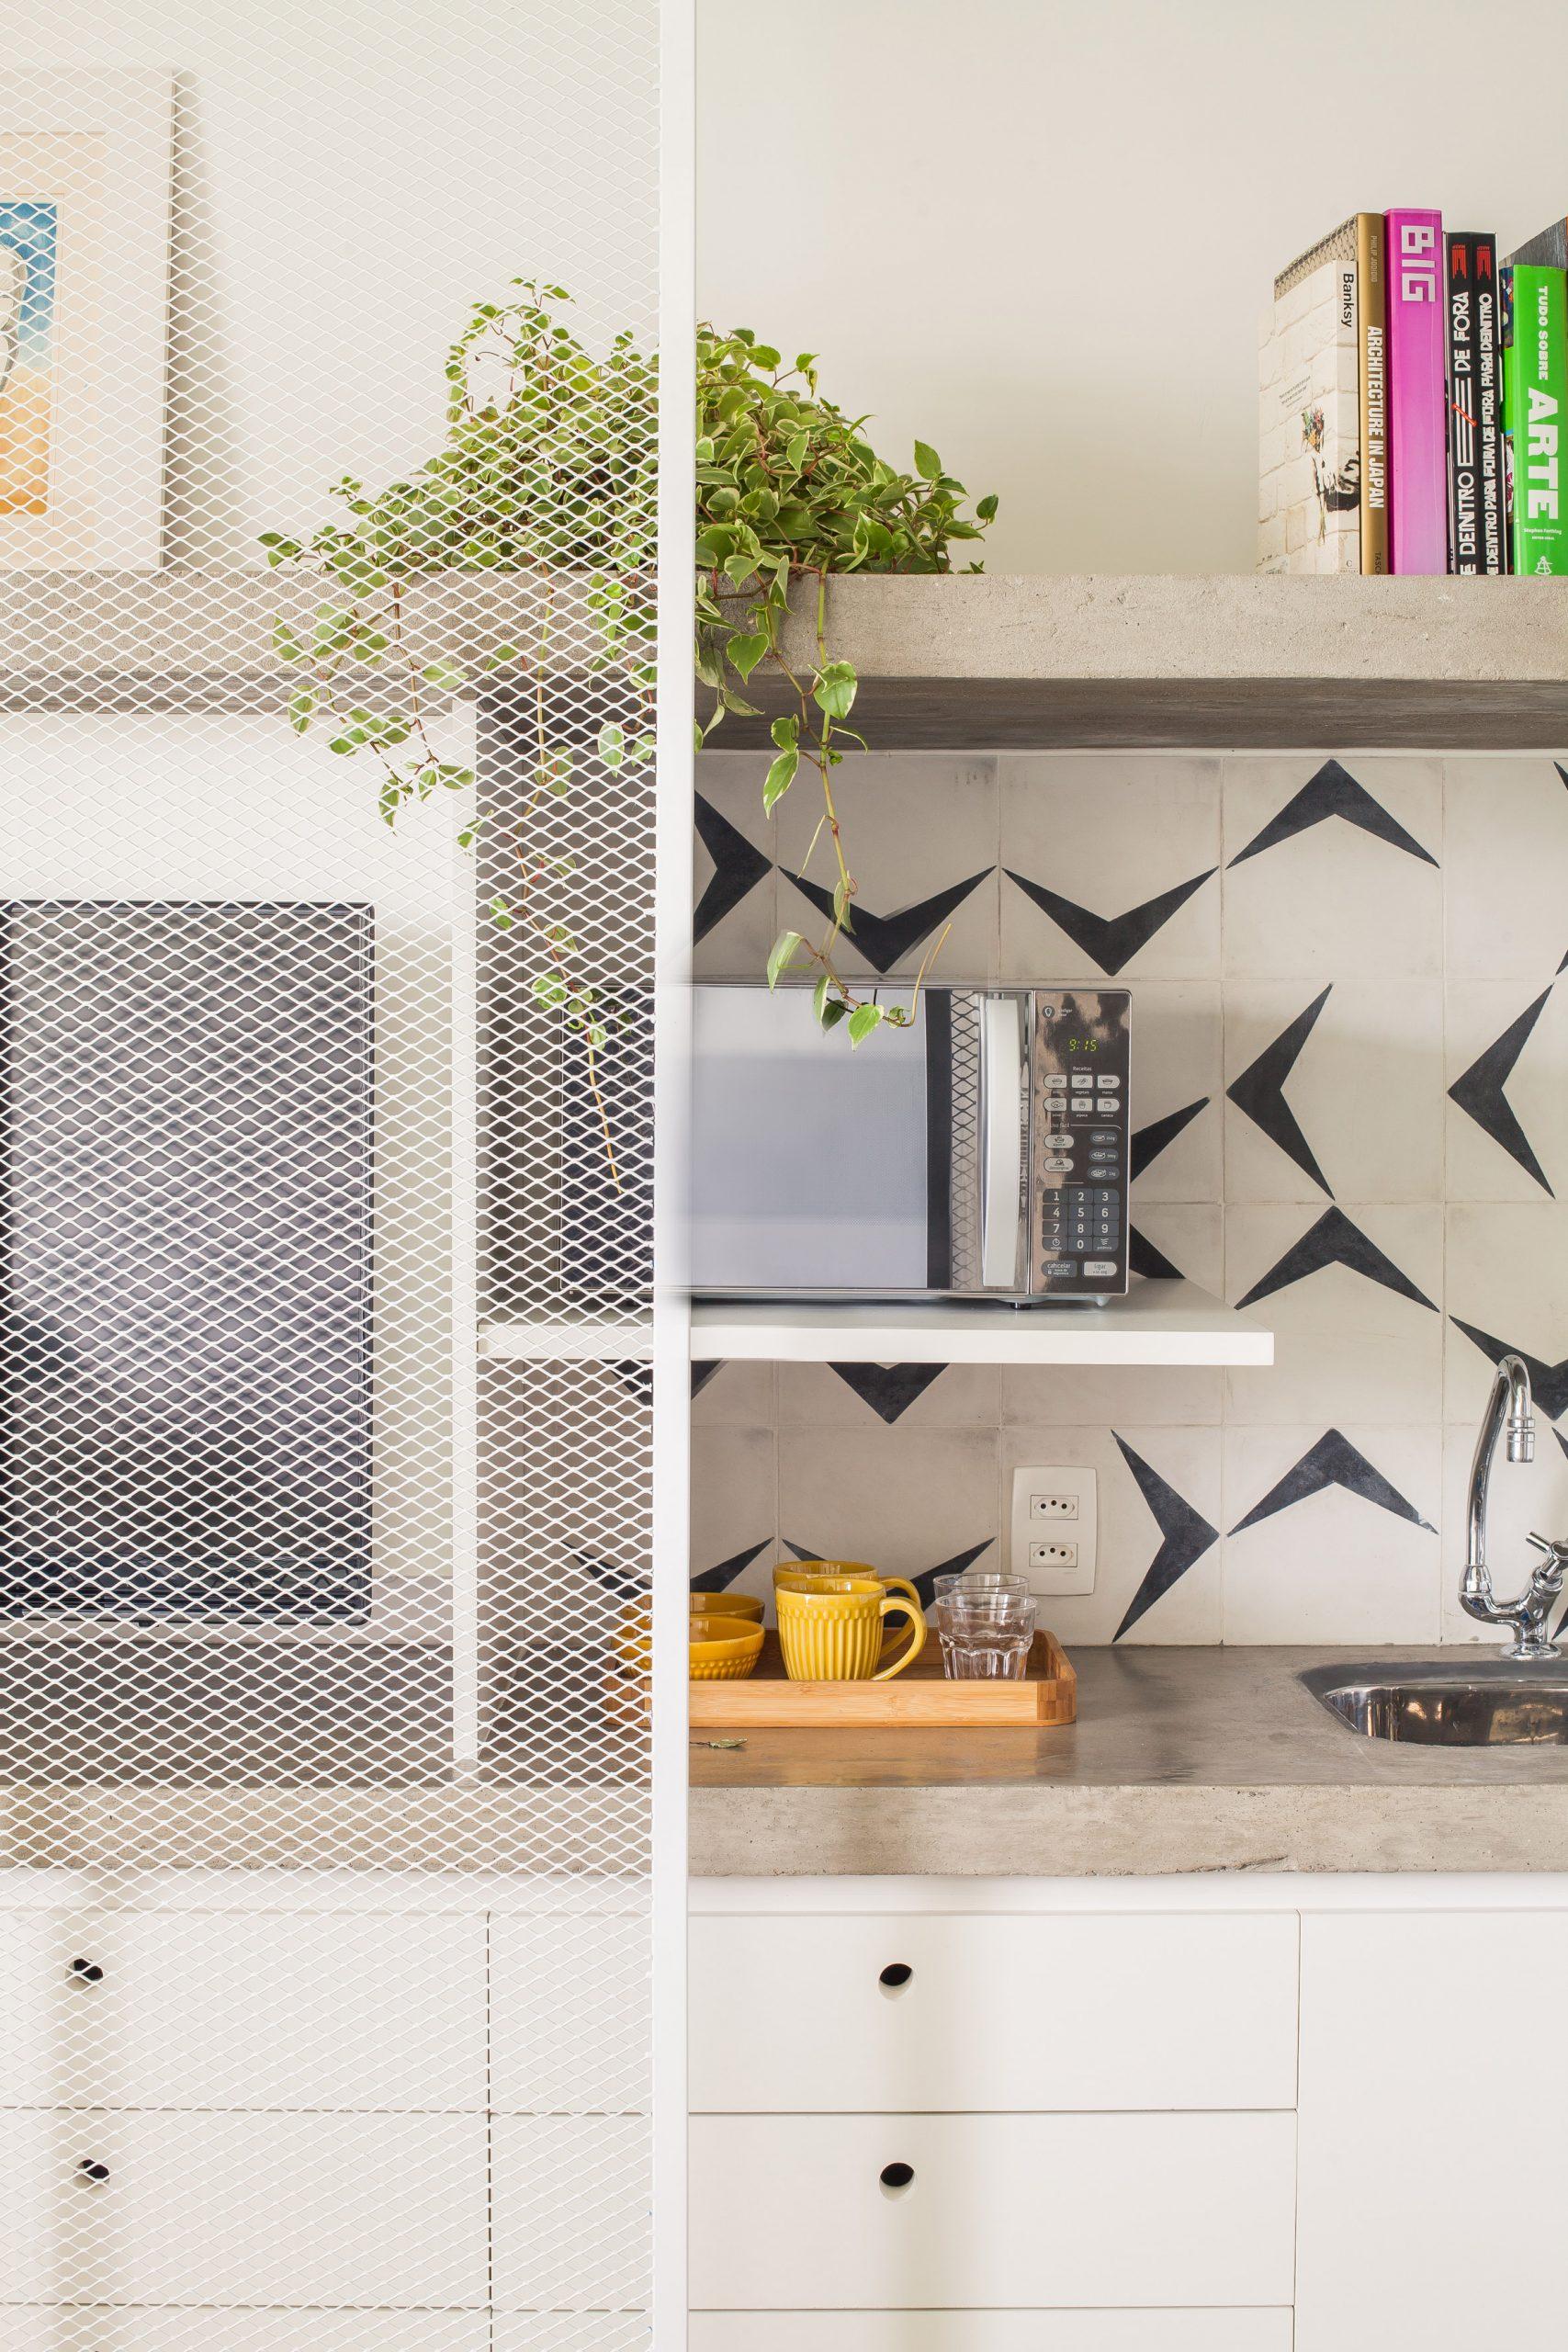 Thiết kế nội thất chung cư diện tích nhỏ 4